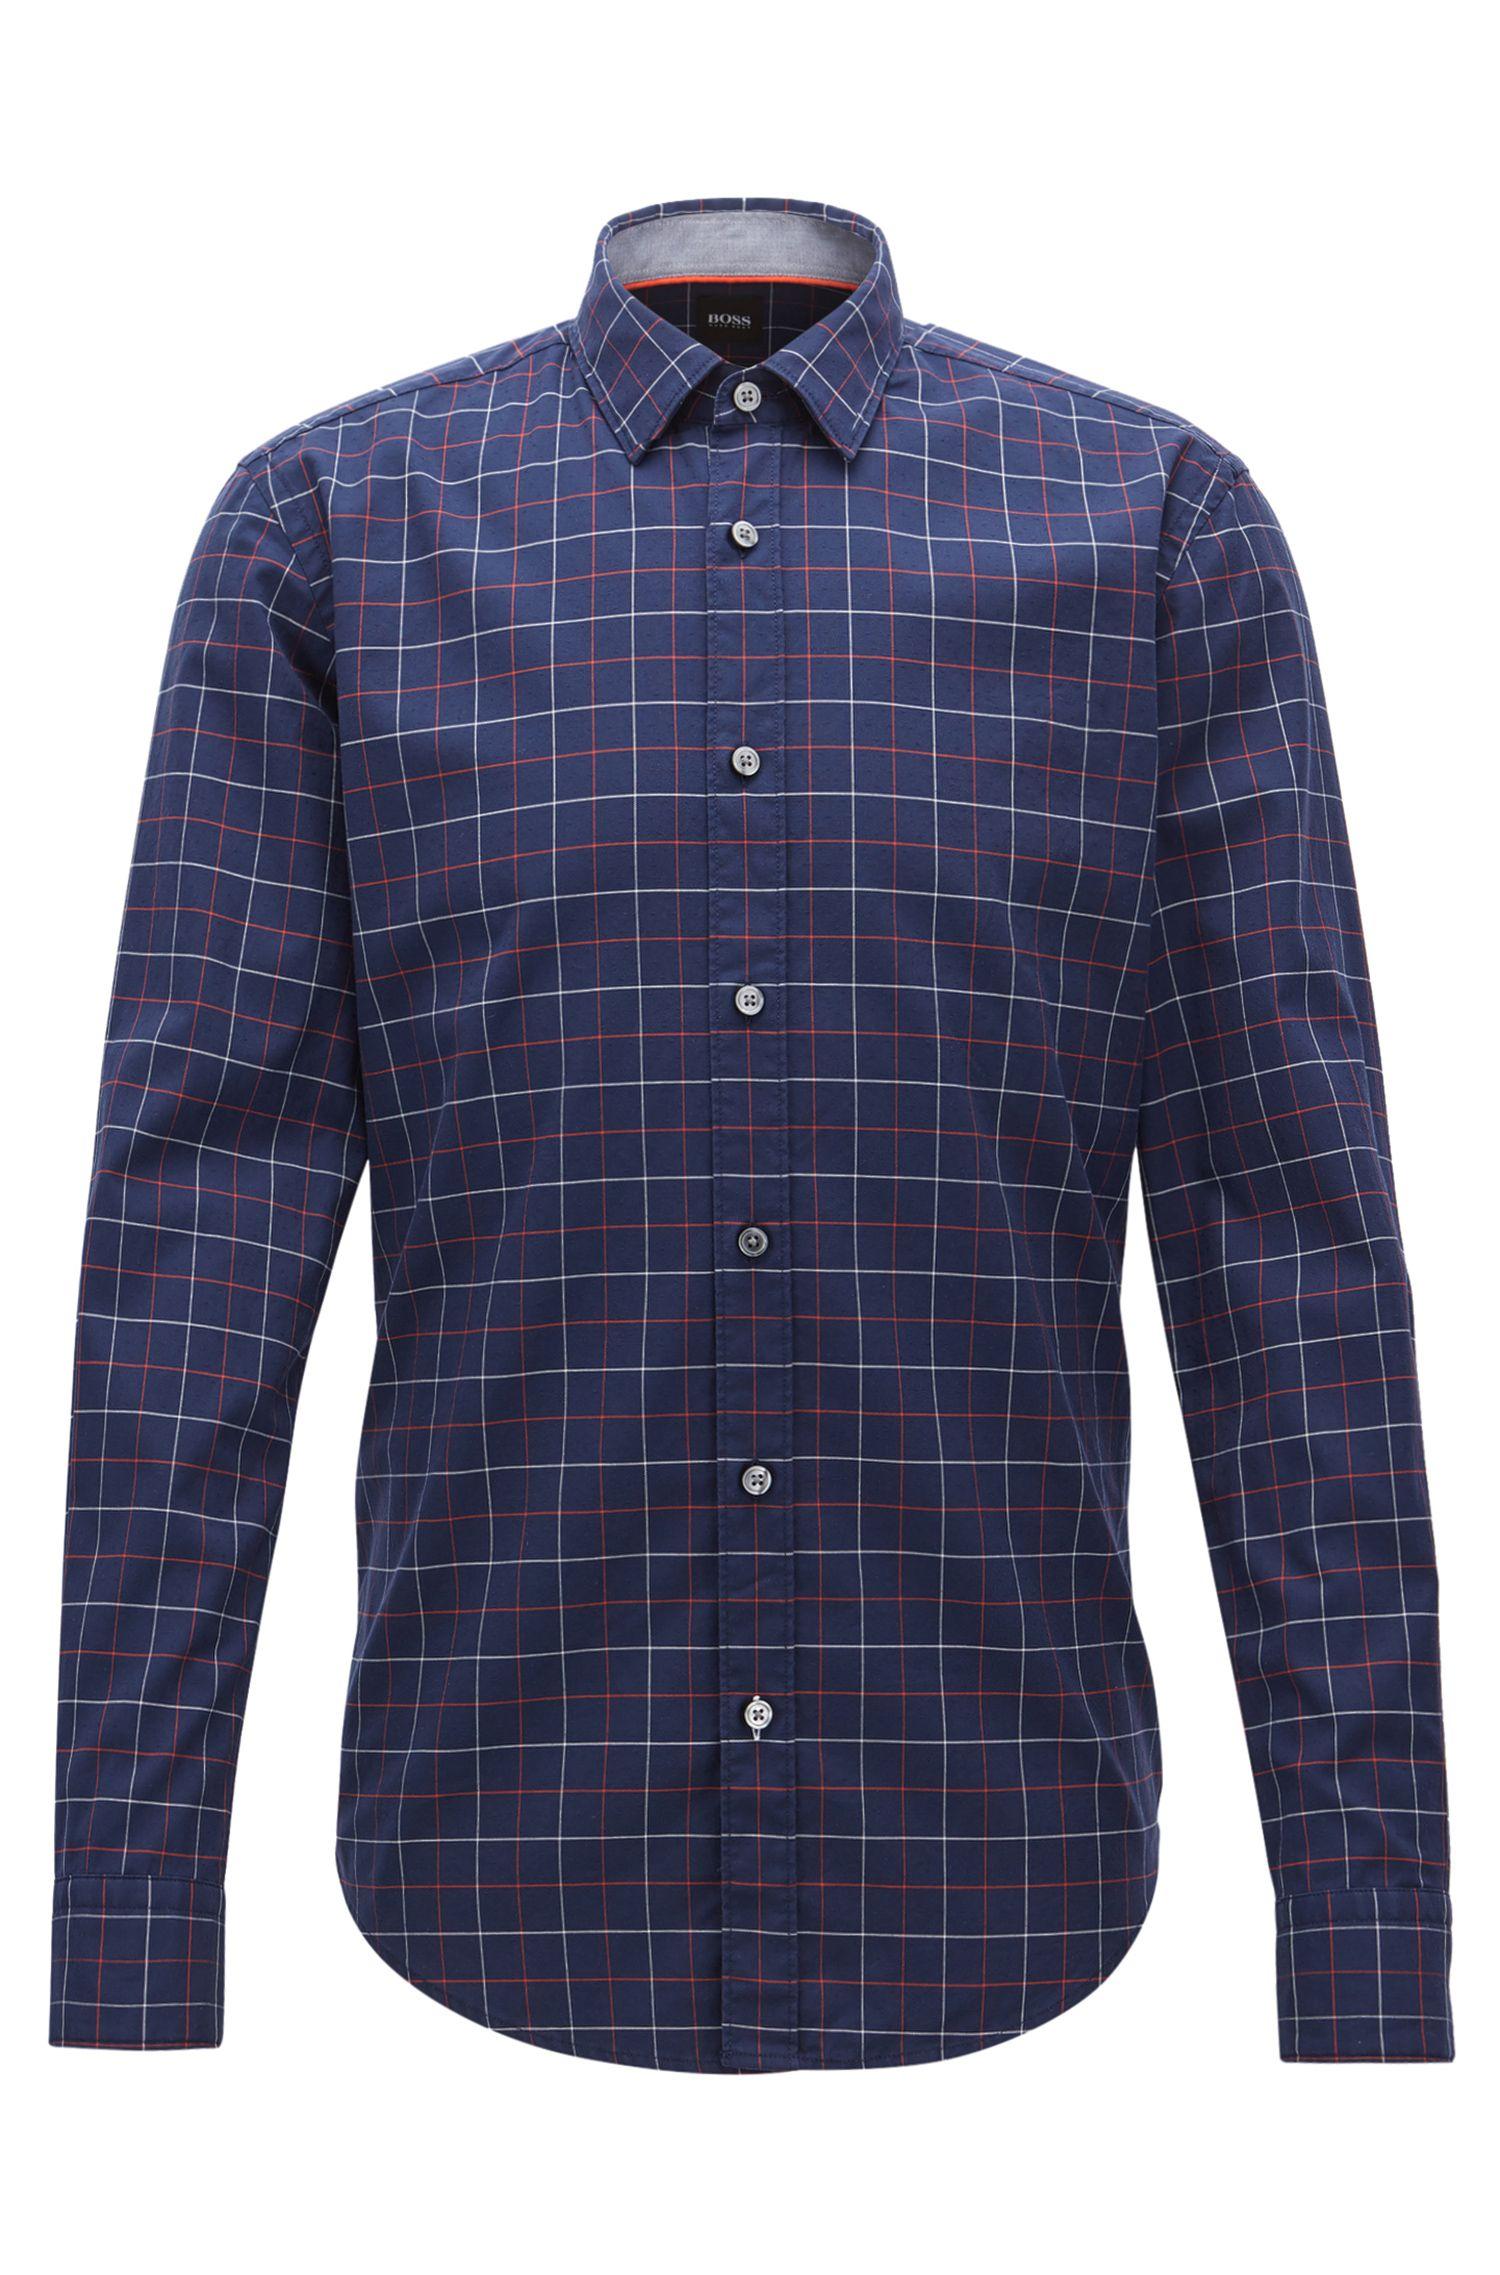 Kariertes Slim-Fit Oxford-Hemd aus strukturierter Baumwolle